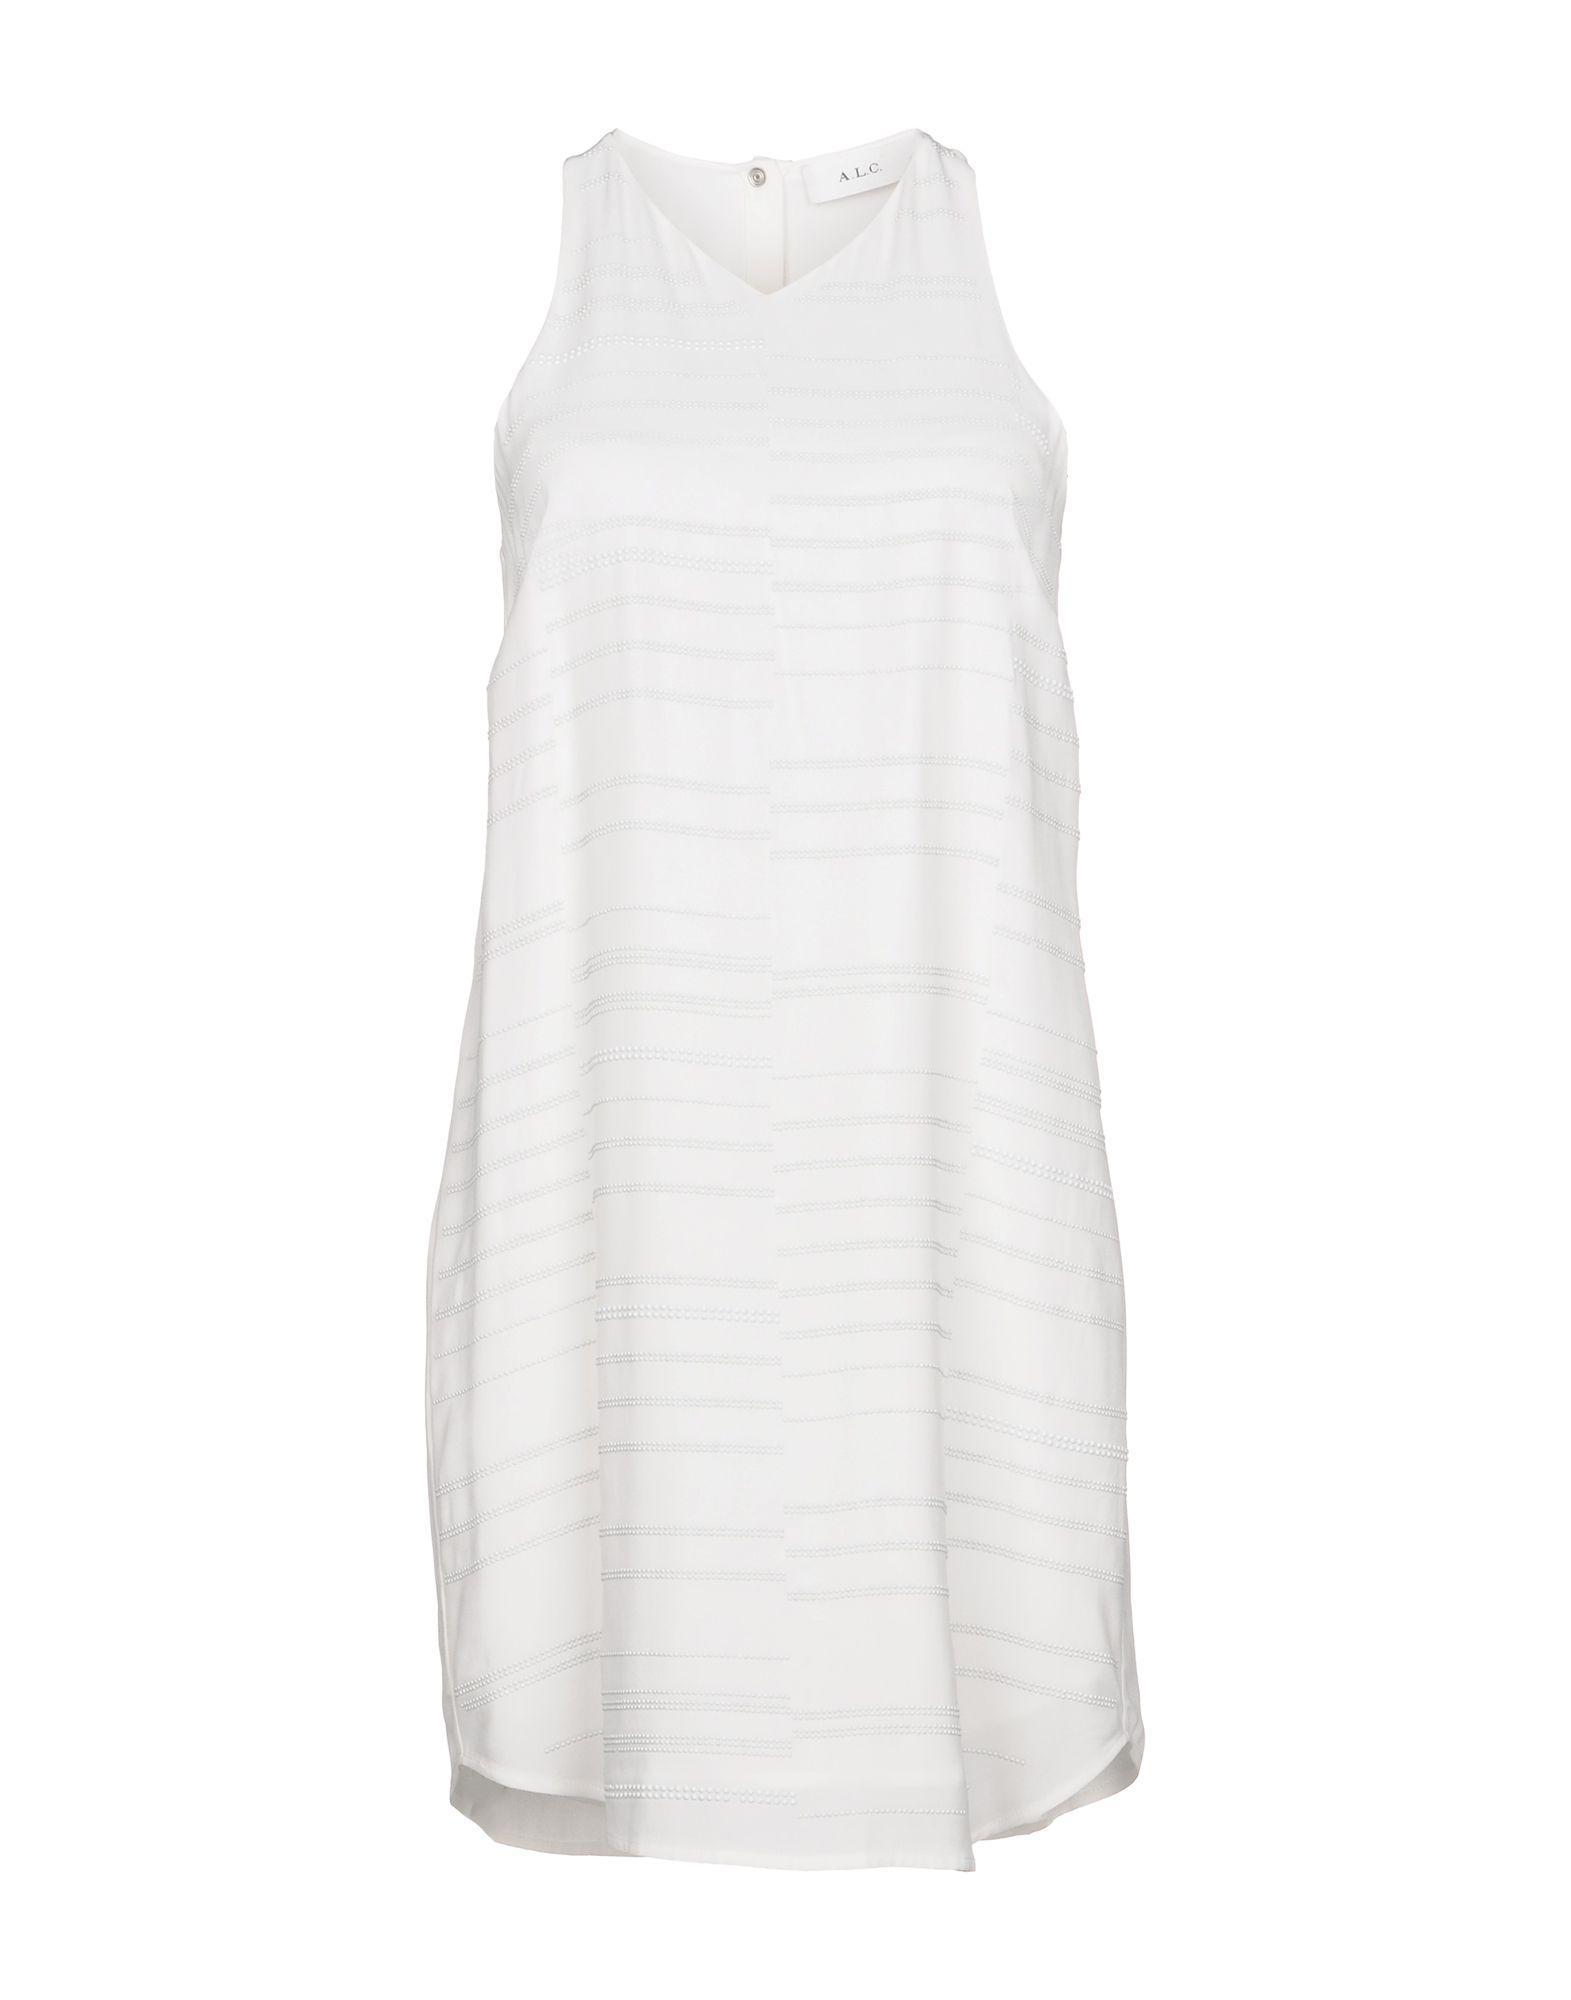 A.l.c Short Dress In White